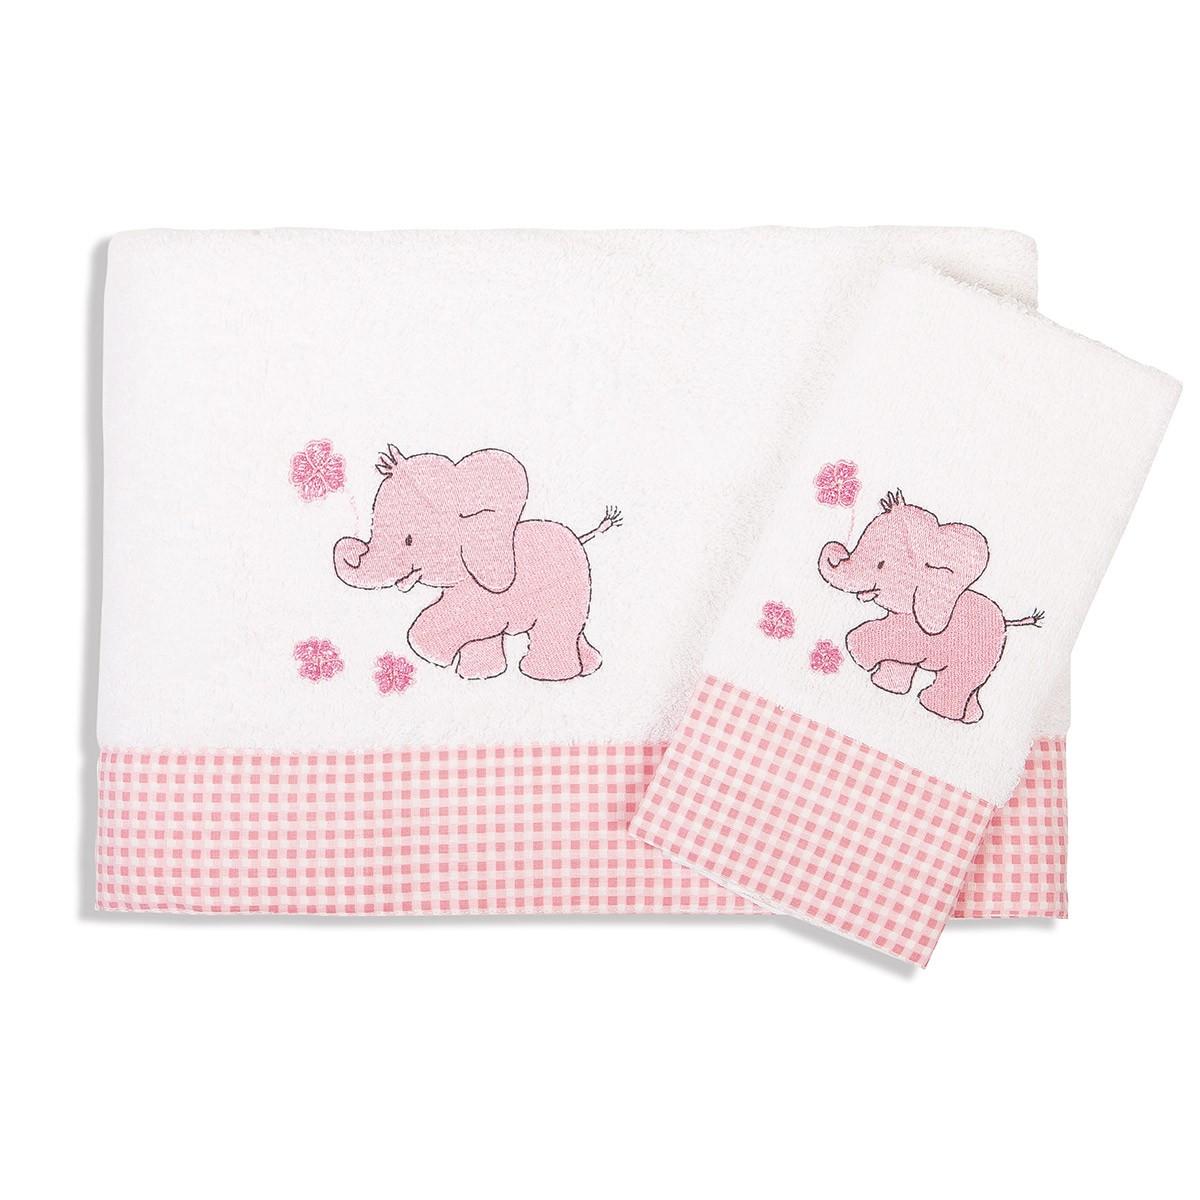 Βρεφικές Πετσέτες (Σετ 2τμχ) Dim Collection Ελεφαντάκι 17 home   βρεφικά   πετσέτες βρεφικές